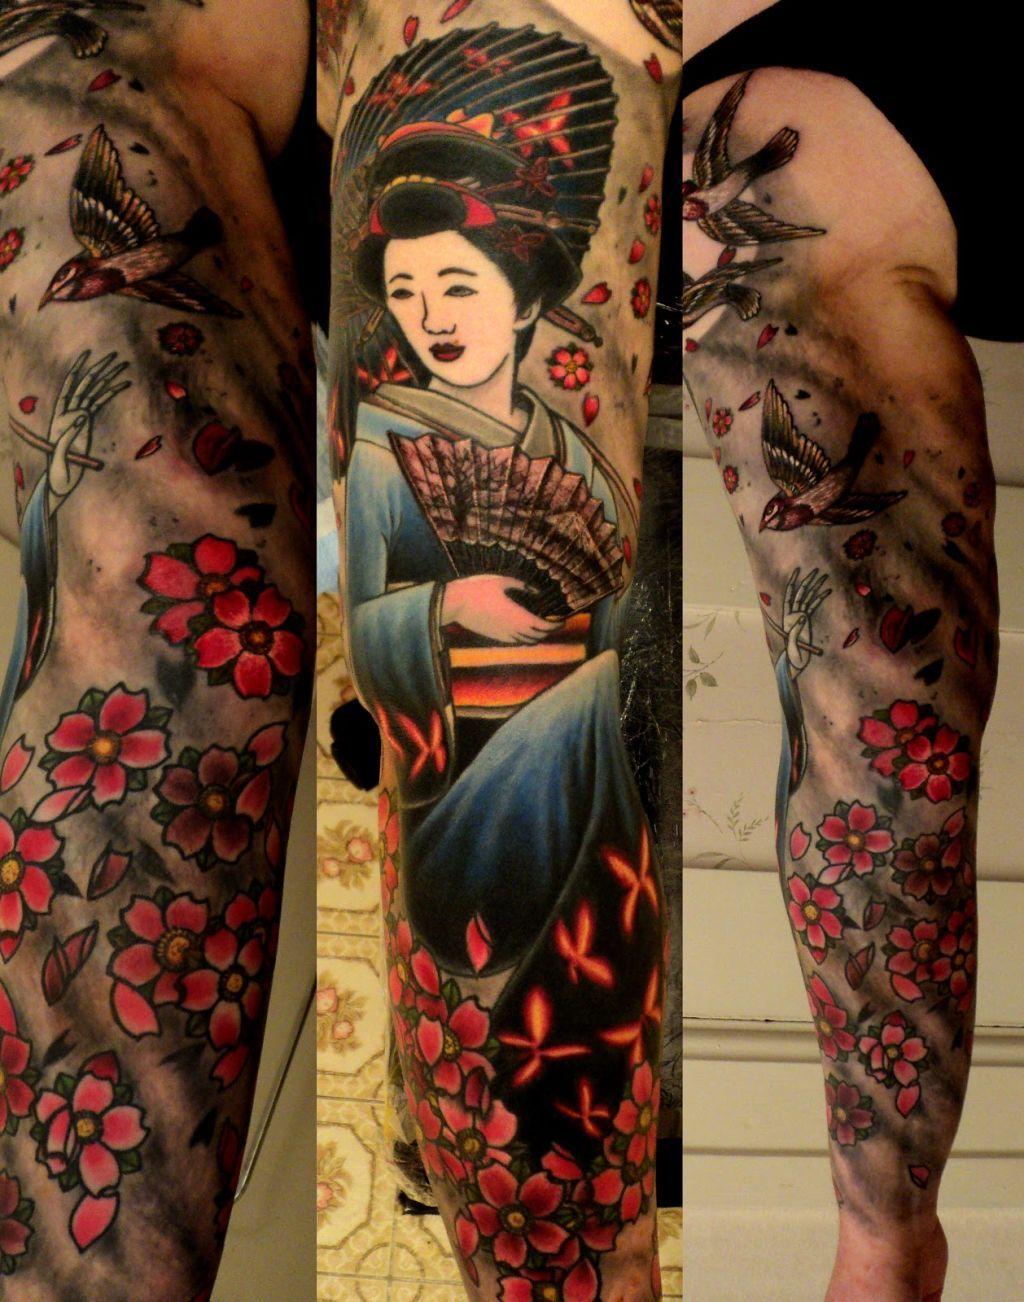 Tattoo Yakuza Sleeve Pesquisa Google Tattoos Full Sleeve Tattoo Design Tattoo Sleeve Designs